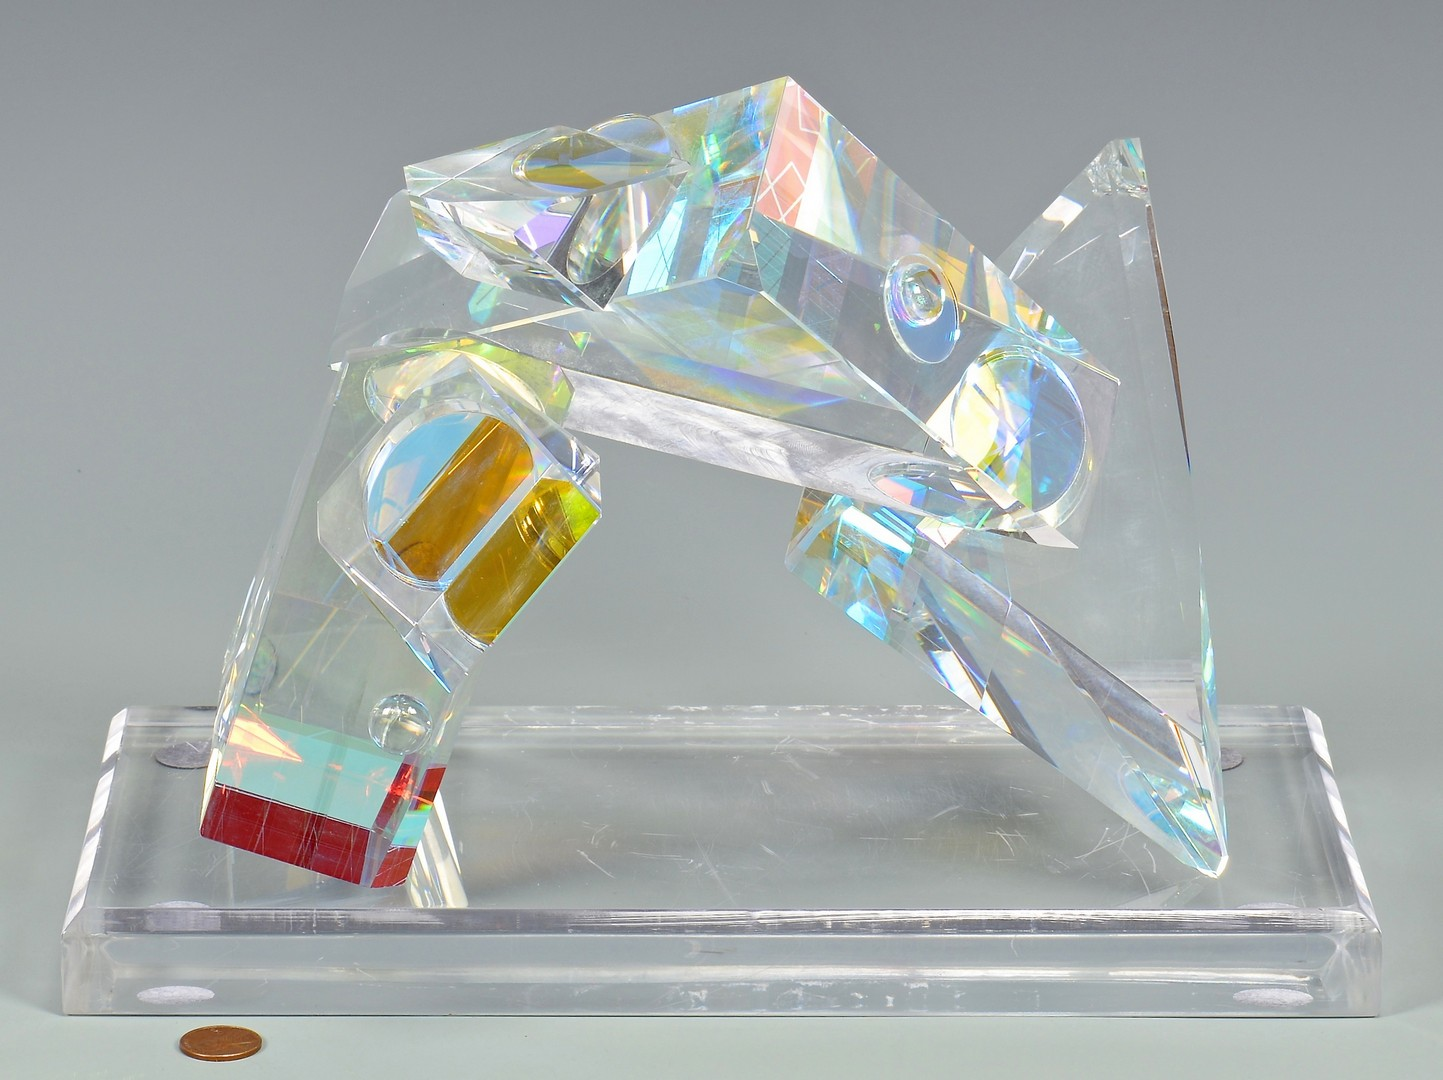 Lot 4010167: Toland P. Sand, Glass Sculpture